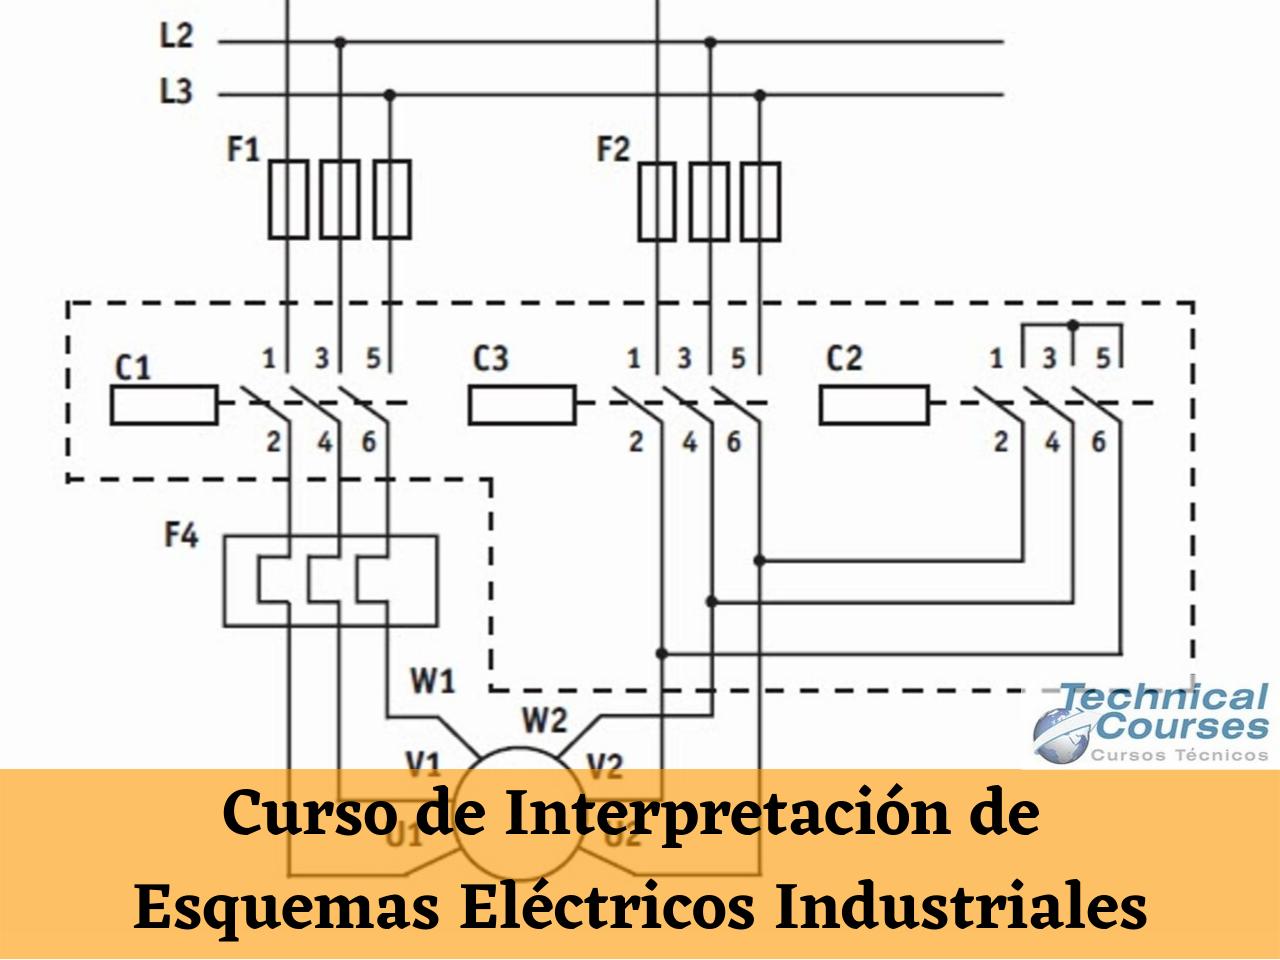 Curso de Interpretación de Esquemas Eléctricos Industriales (Cursos Manteniemiento)